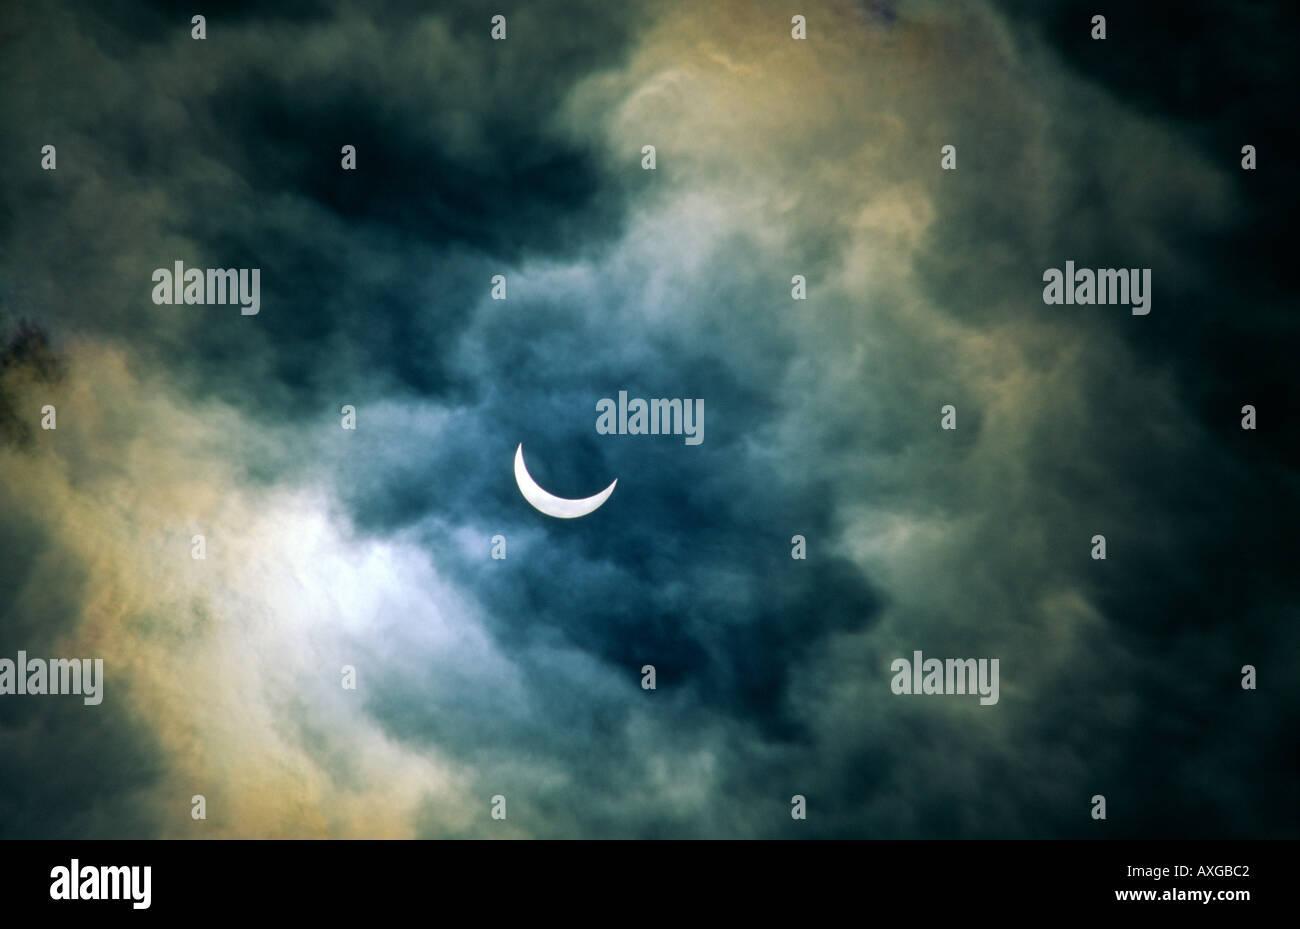 Sonnenfinsternis. Mond Sonne nähert sich volle Sonnenfinsternis vorbei.  Romantische Atmosphäre, die durch dünne stürmischen Clearing Wolke verschleiert Stockbild